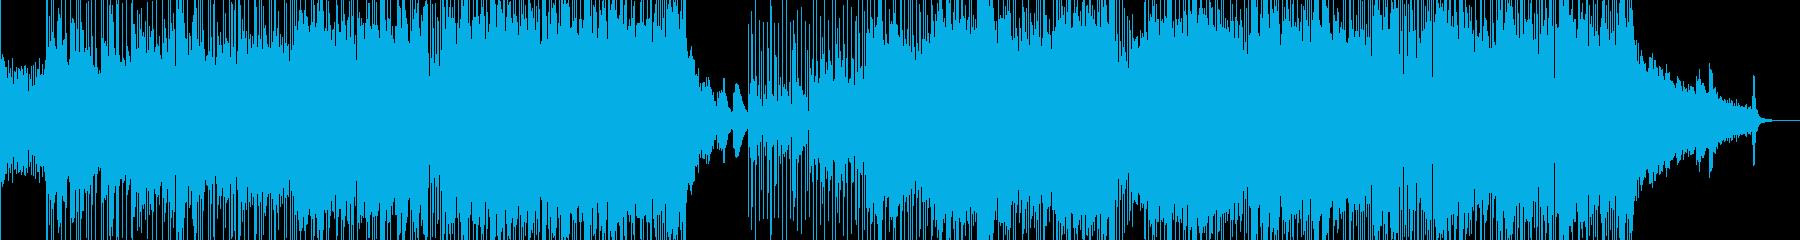 助走して駆け出すバイオリンポップス 長尺の再生済みの波形